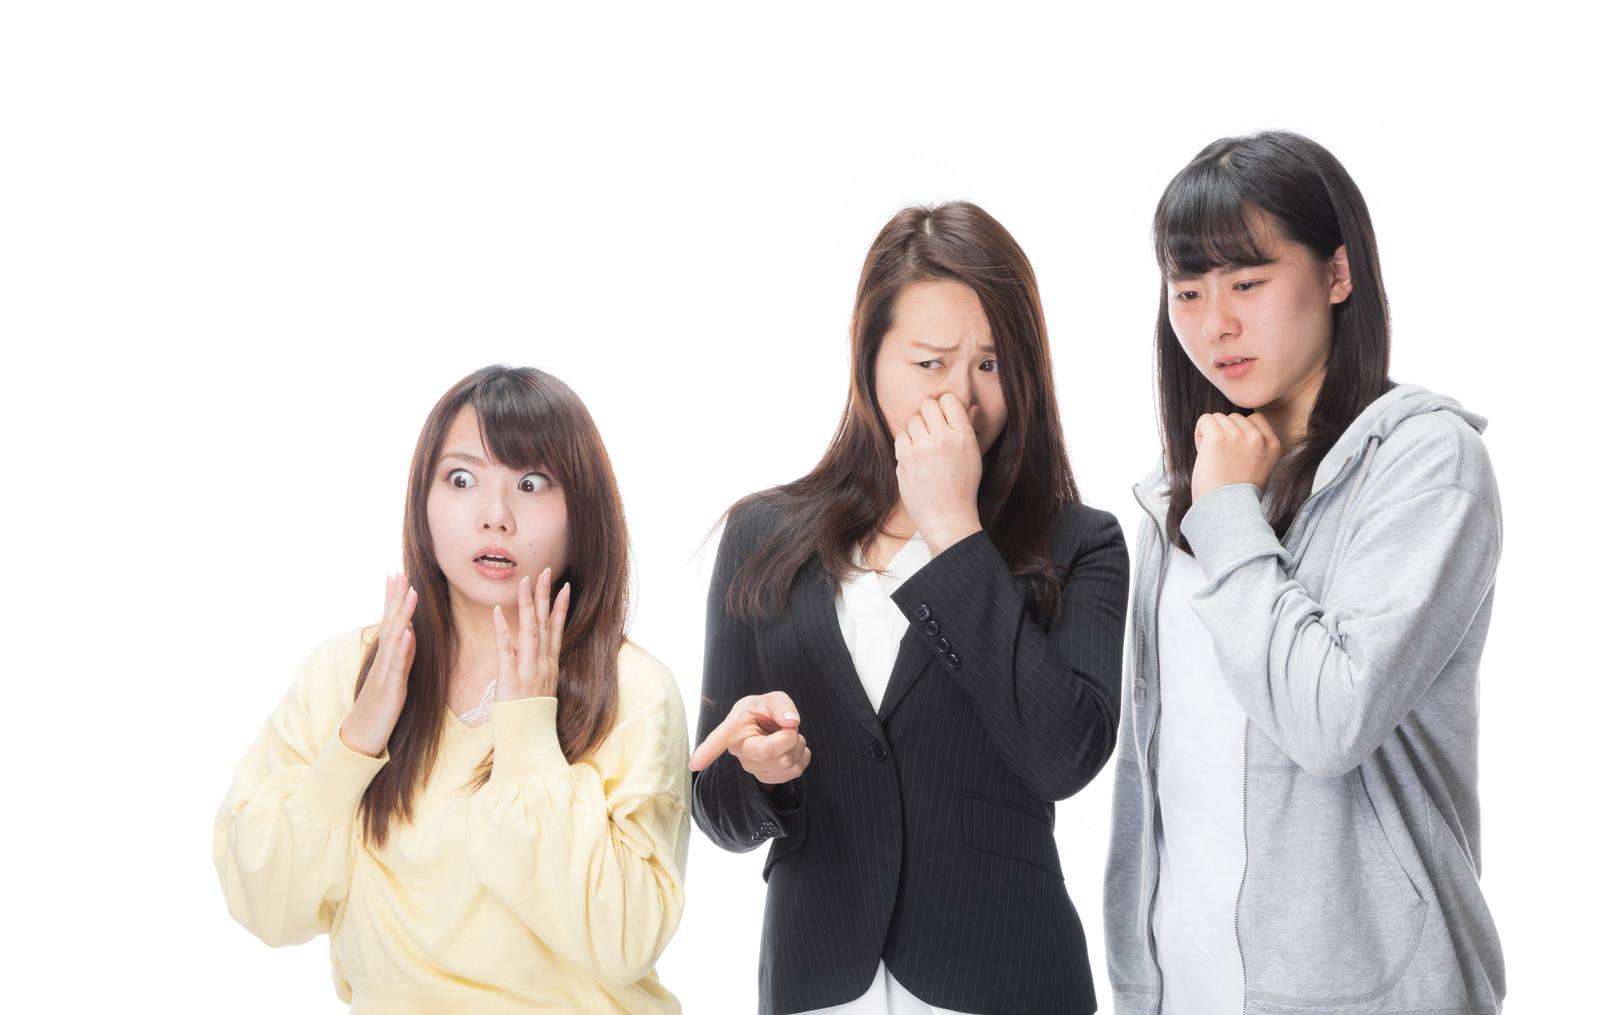 「驚愕するほどの悪臭を嗅ぐ女子達」の写真[モデル:Lala Mizuho 土本寛子]